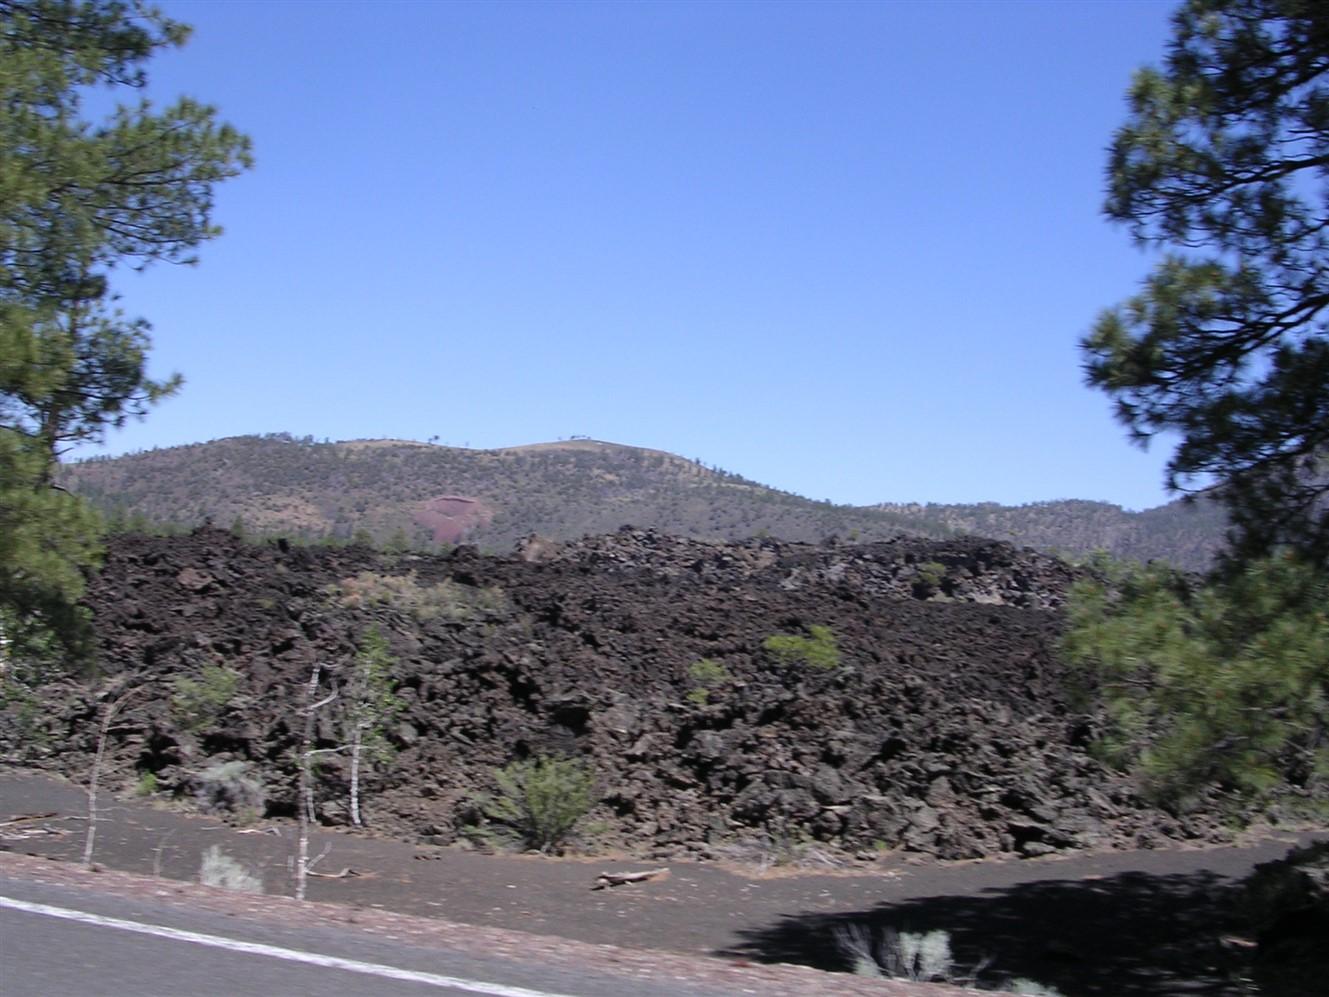 2005 06 26 Sunset Crater Arizona 1.jpg